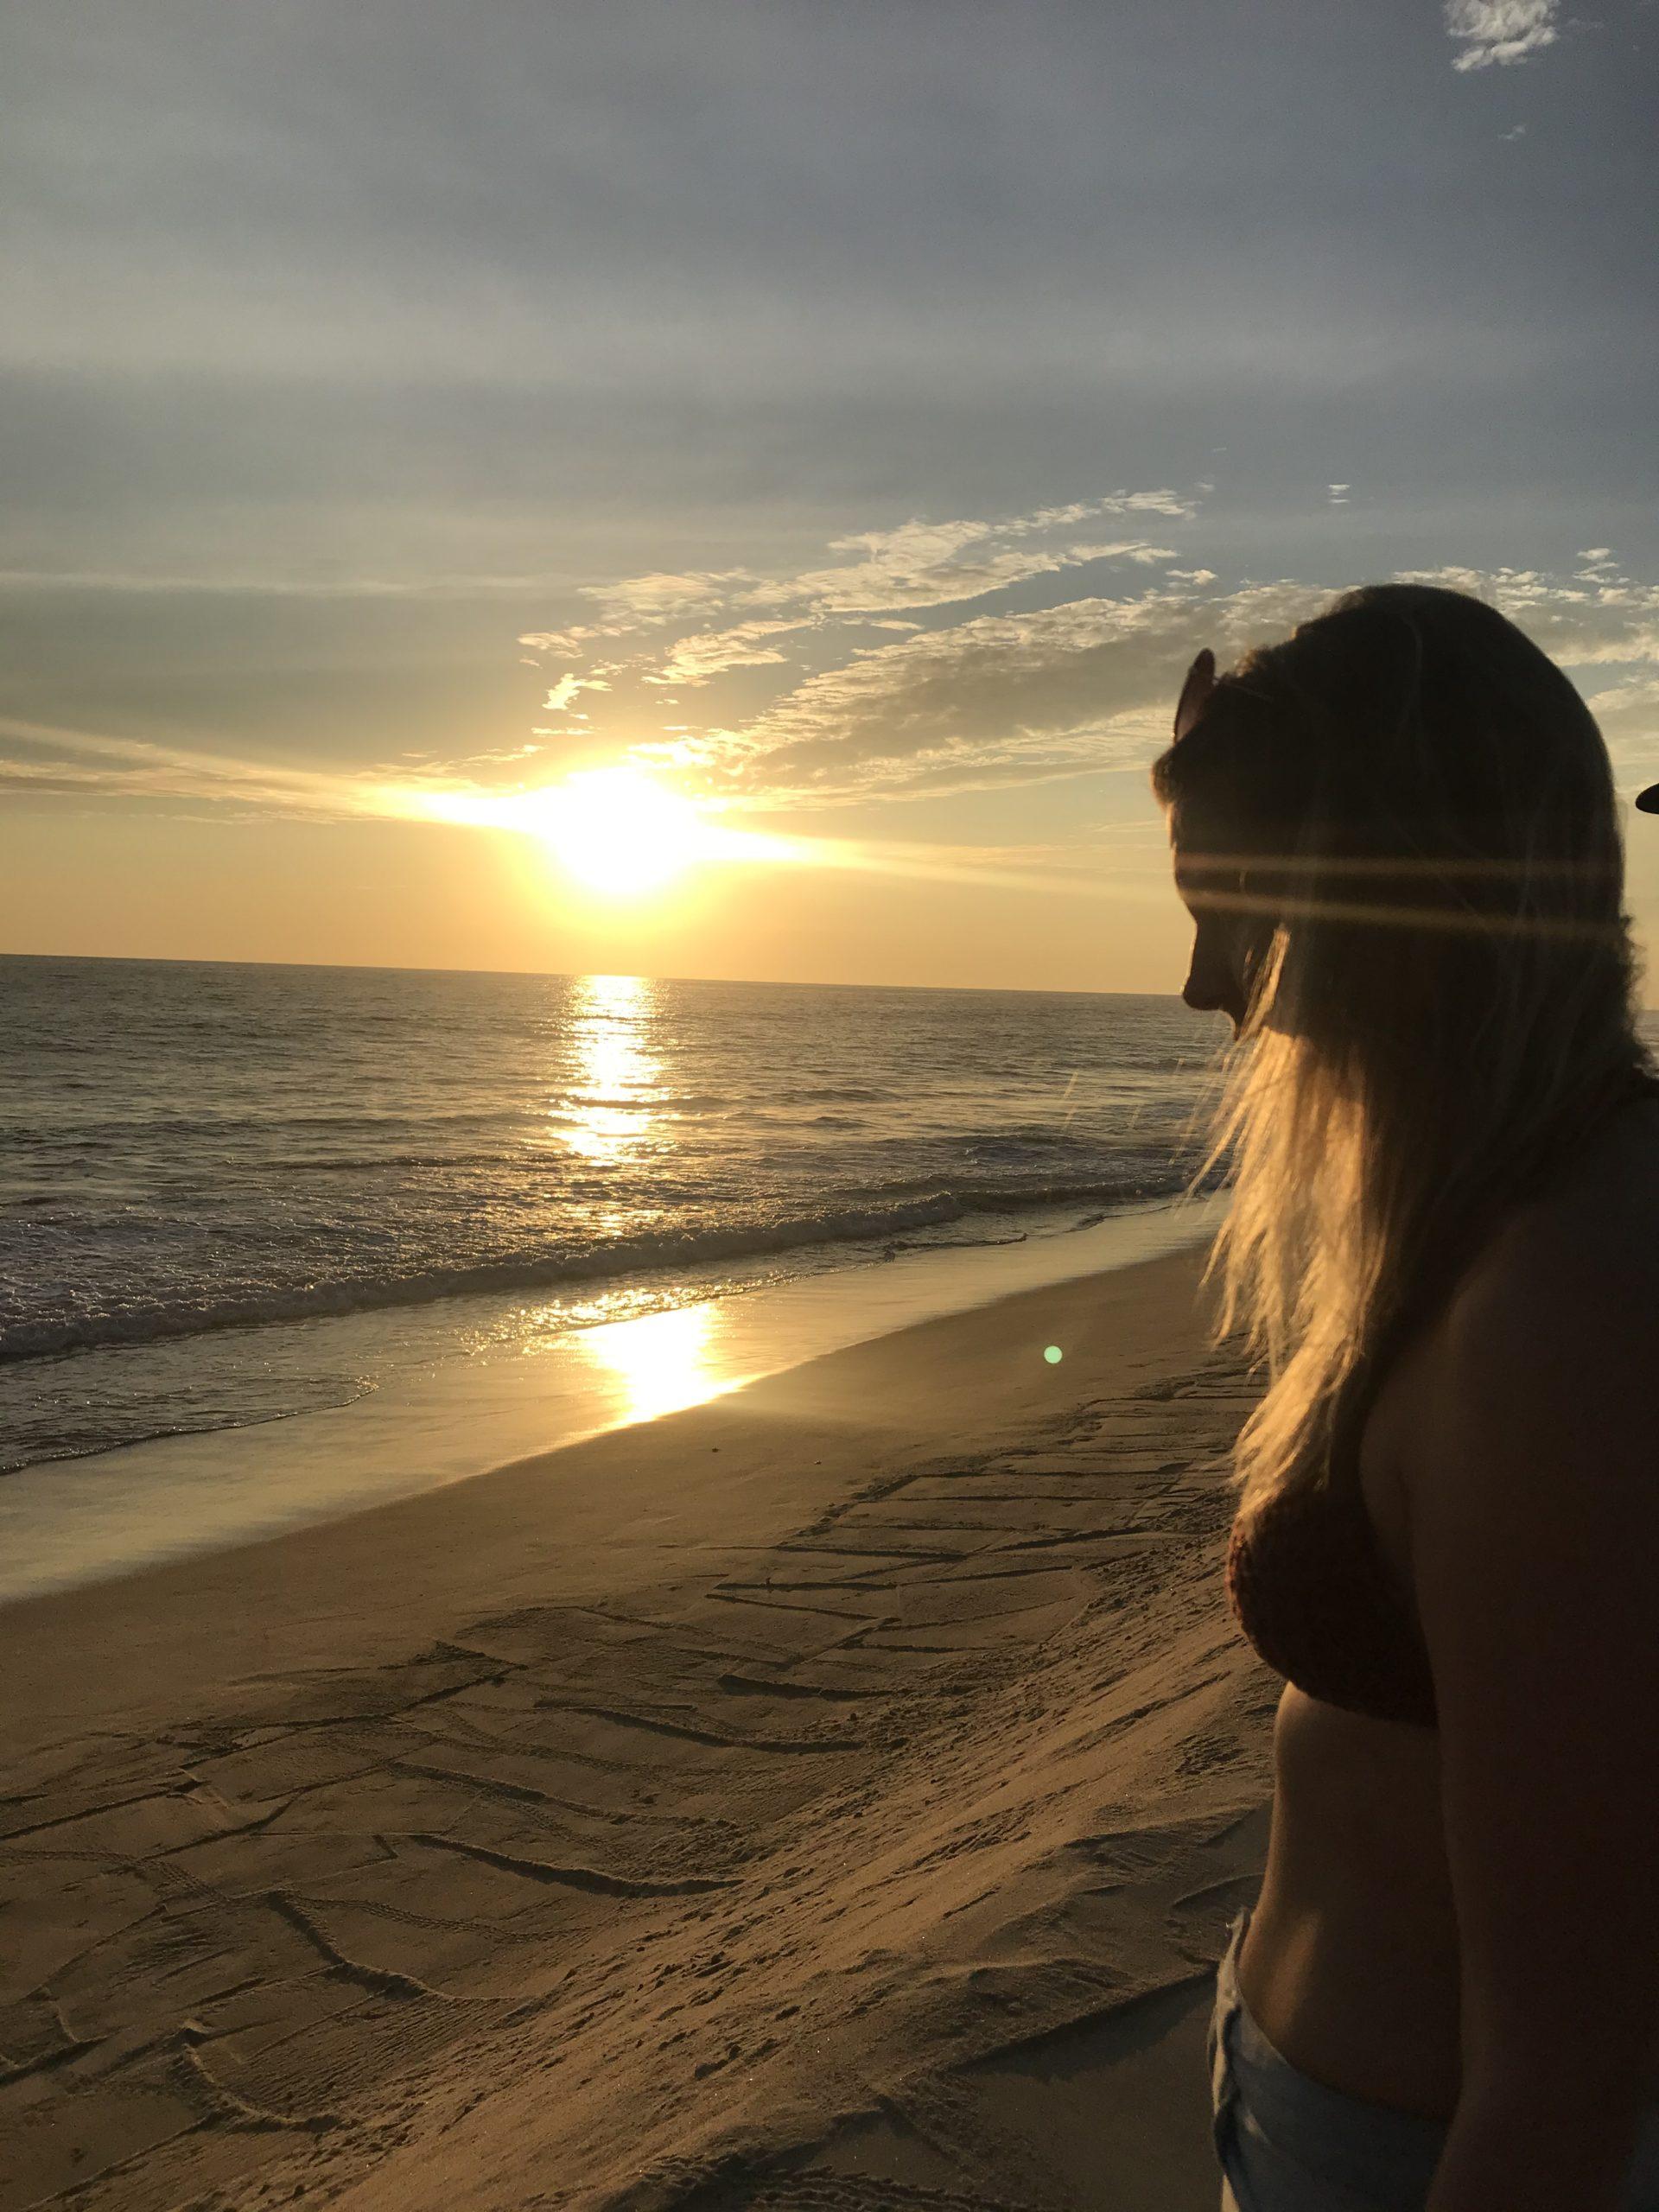 puerto escondido, mexico, oaxaca, beach, playa, where to go in mexico, bacacho beach, toni wheel, a wheel in the sky